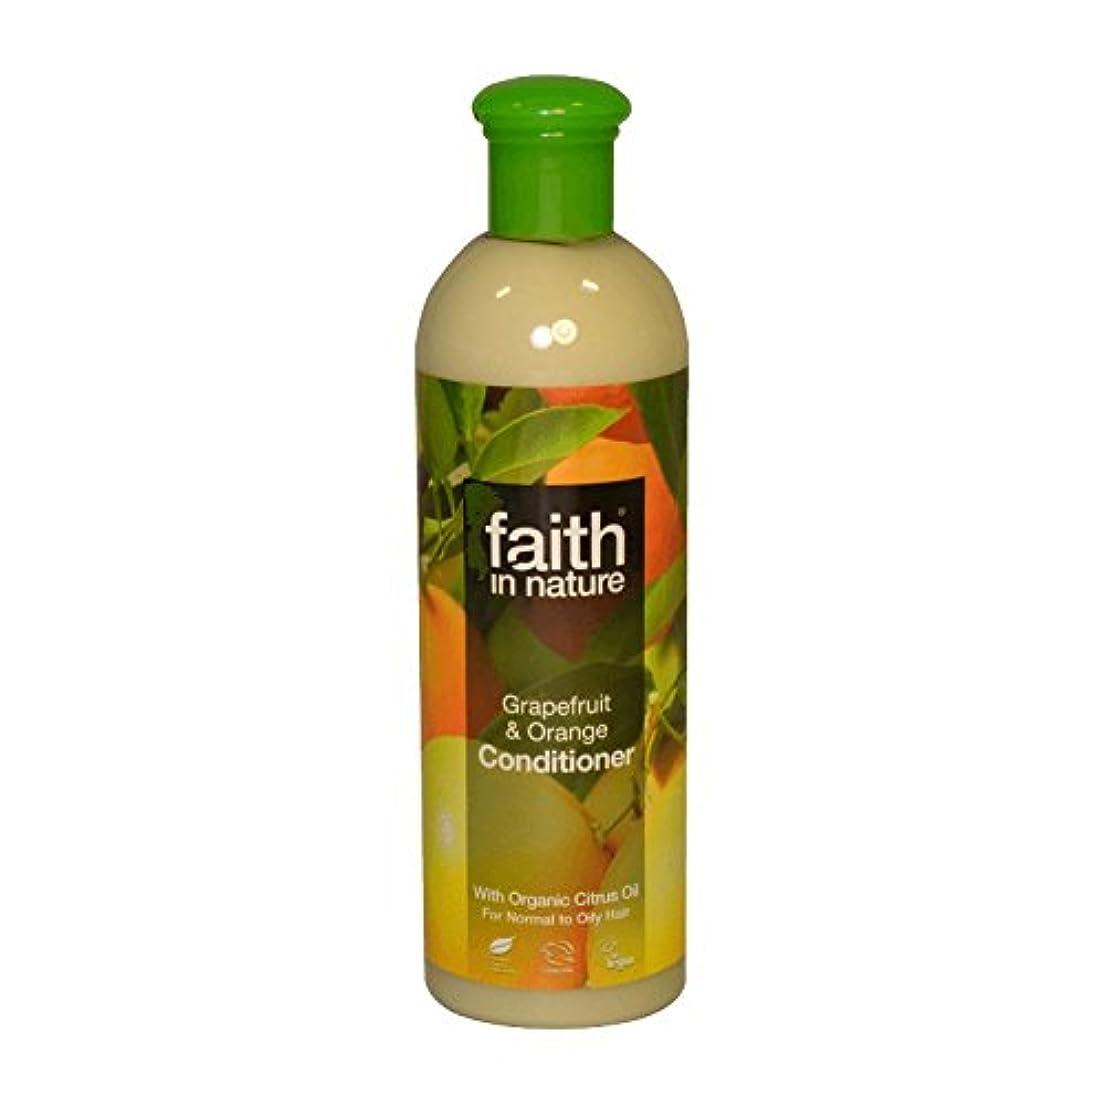 であること好みスペシャリストFaith in Nature Grapefruit & Orange Conditioner 400ml (Pack of 6) - 自然グレープフルーツ&オレンジコンディショナー400ミリリットルの信仰 (x6) [...